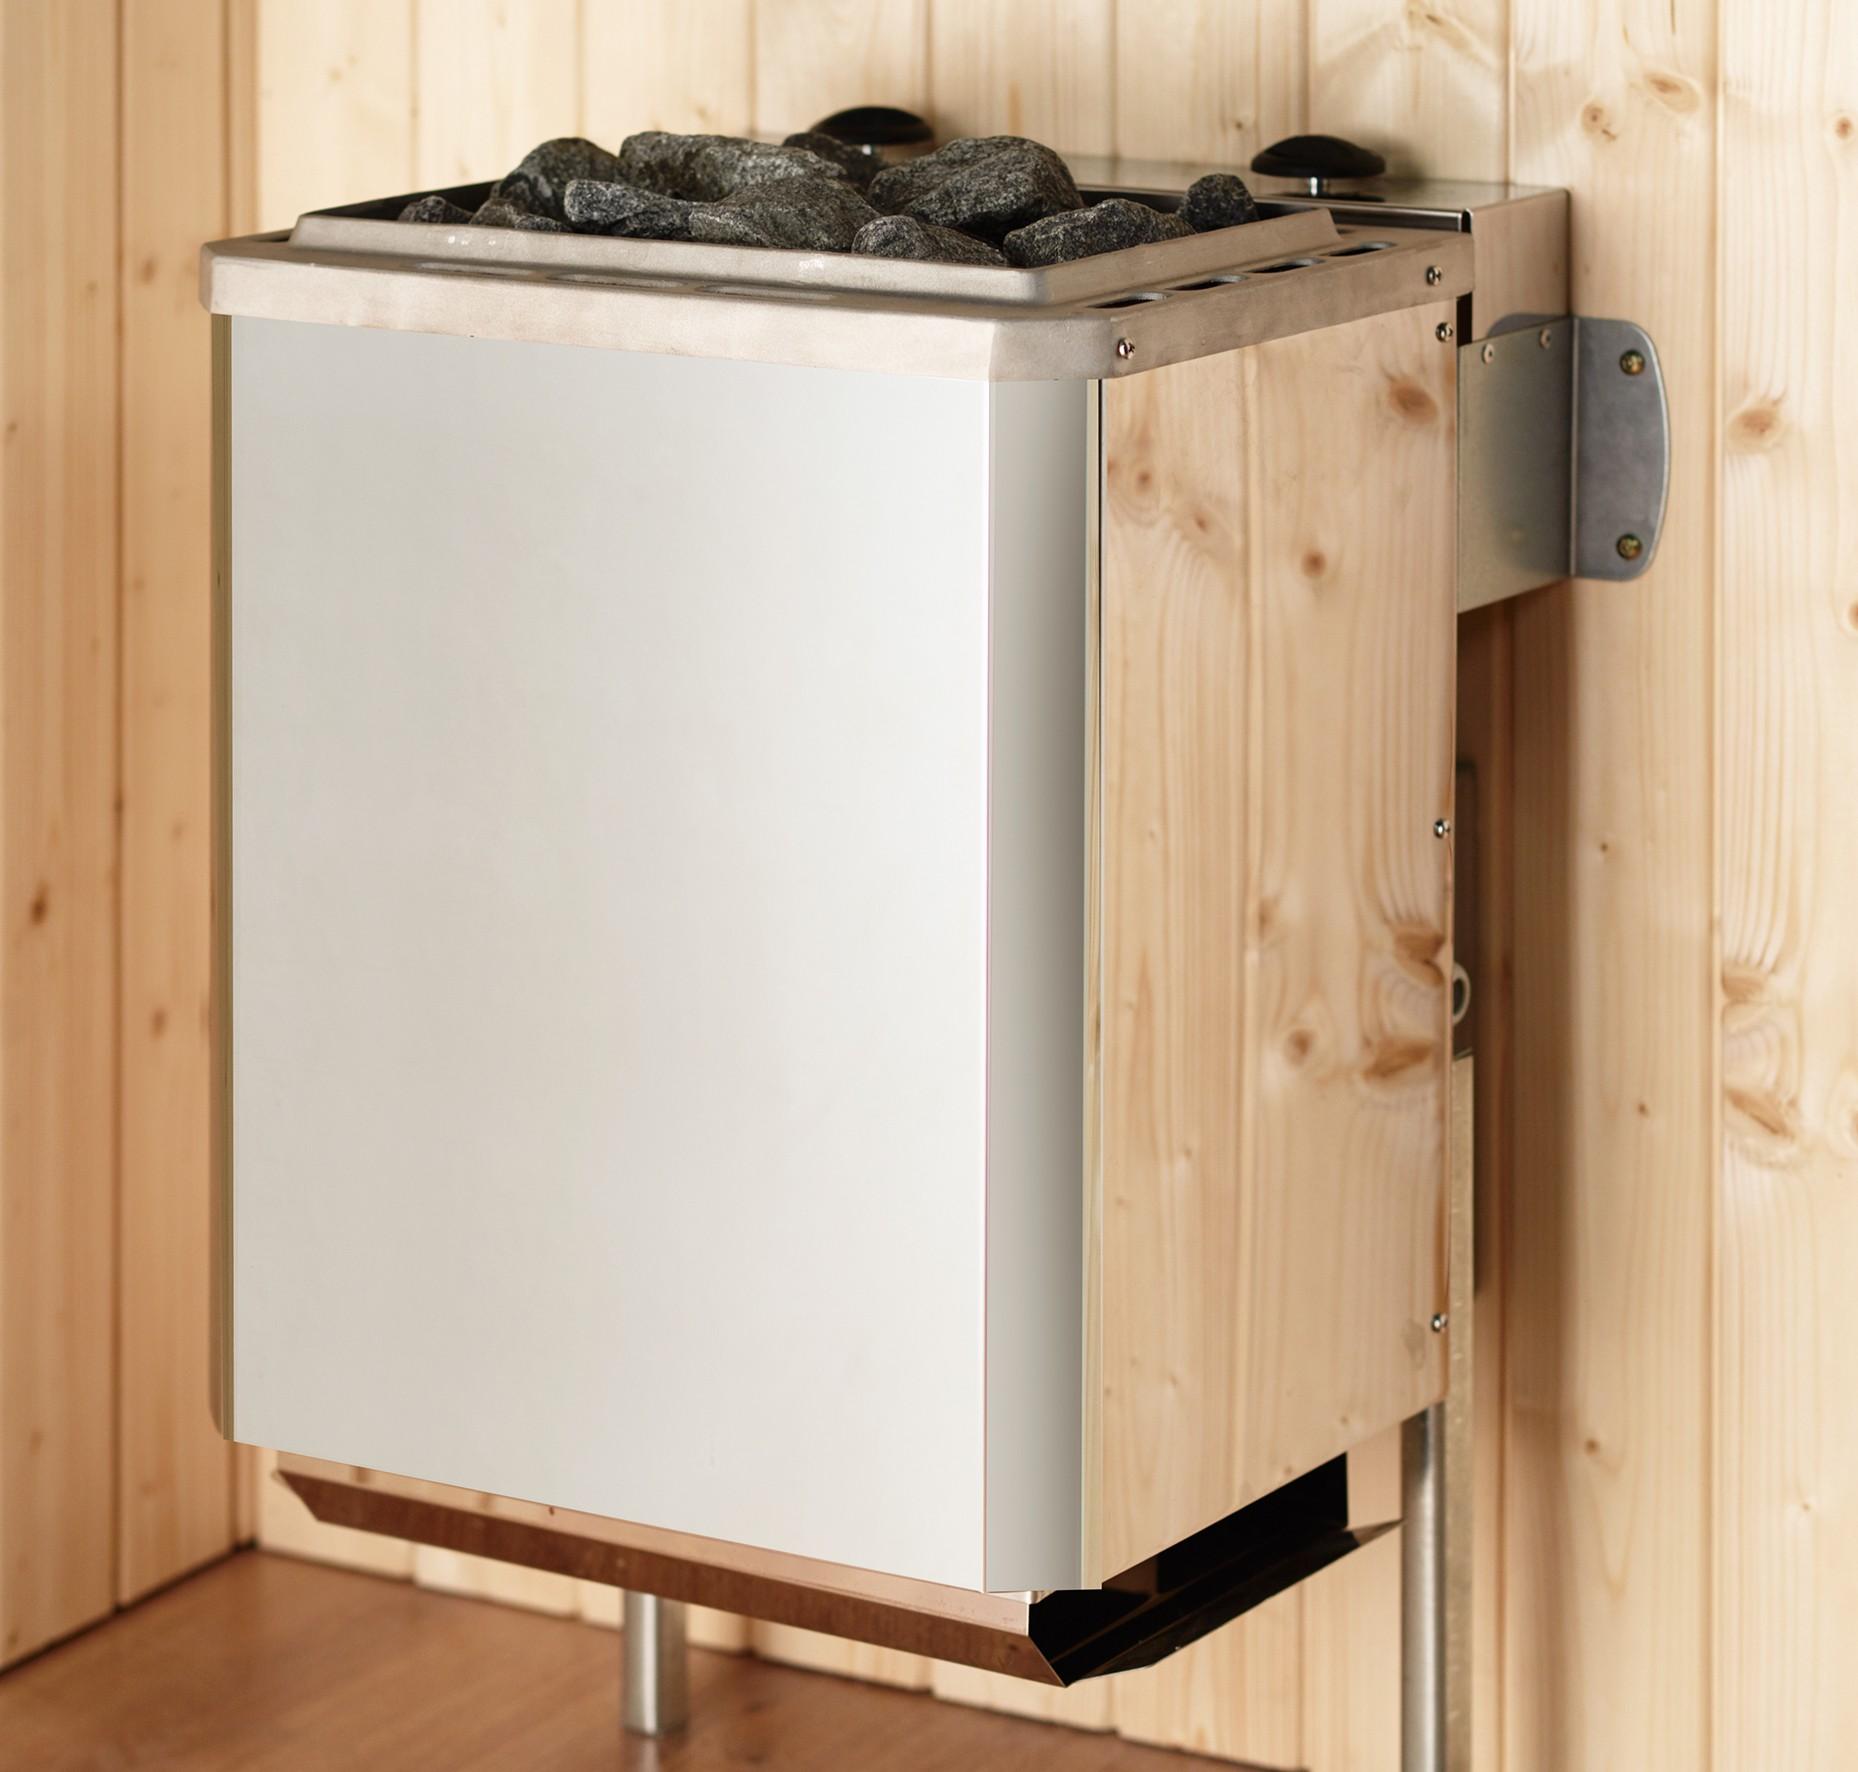 Weka Saunaofen Kompakt 5,4kW mit intergrierter Steuerung Bild 1